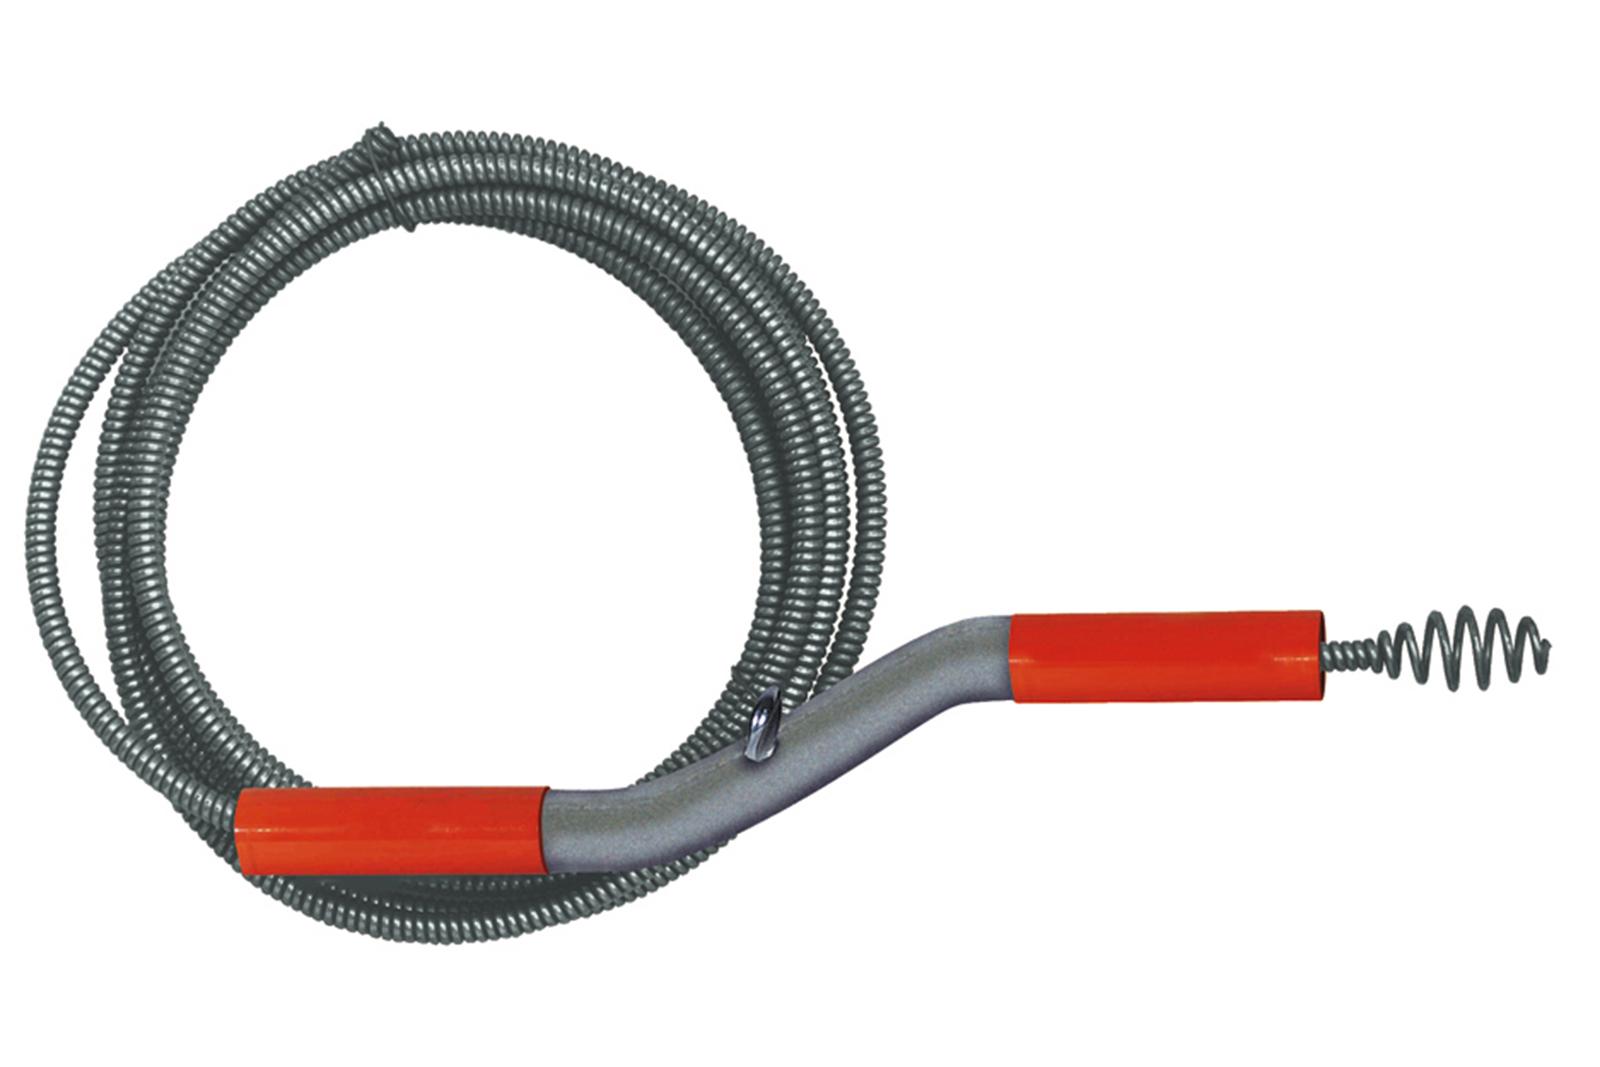 Купить Трос для прочистки General pipe 25fl1-dh